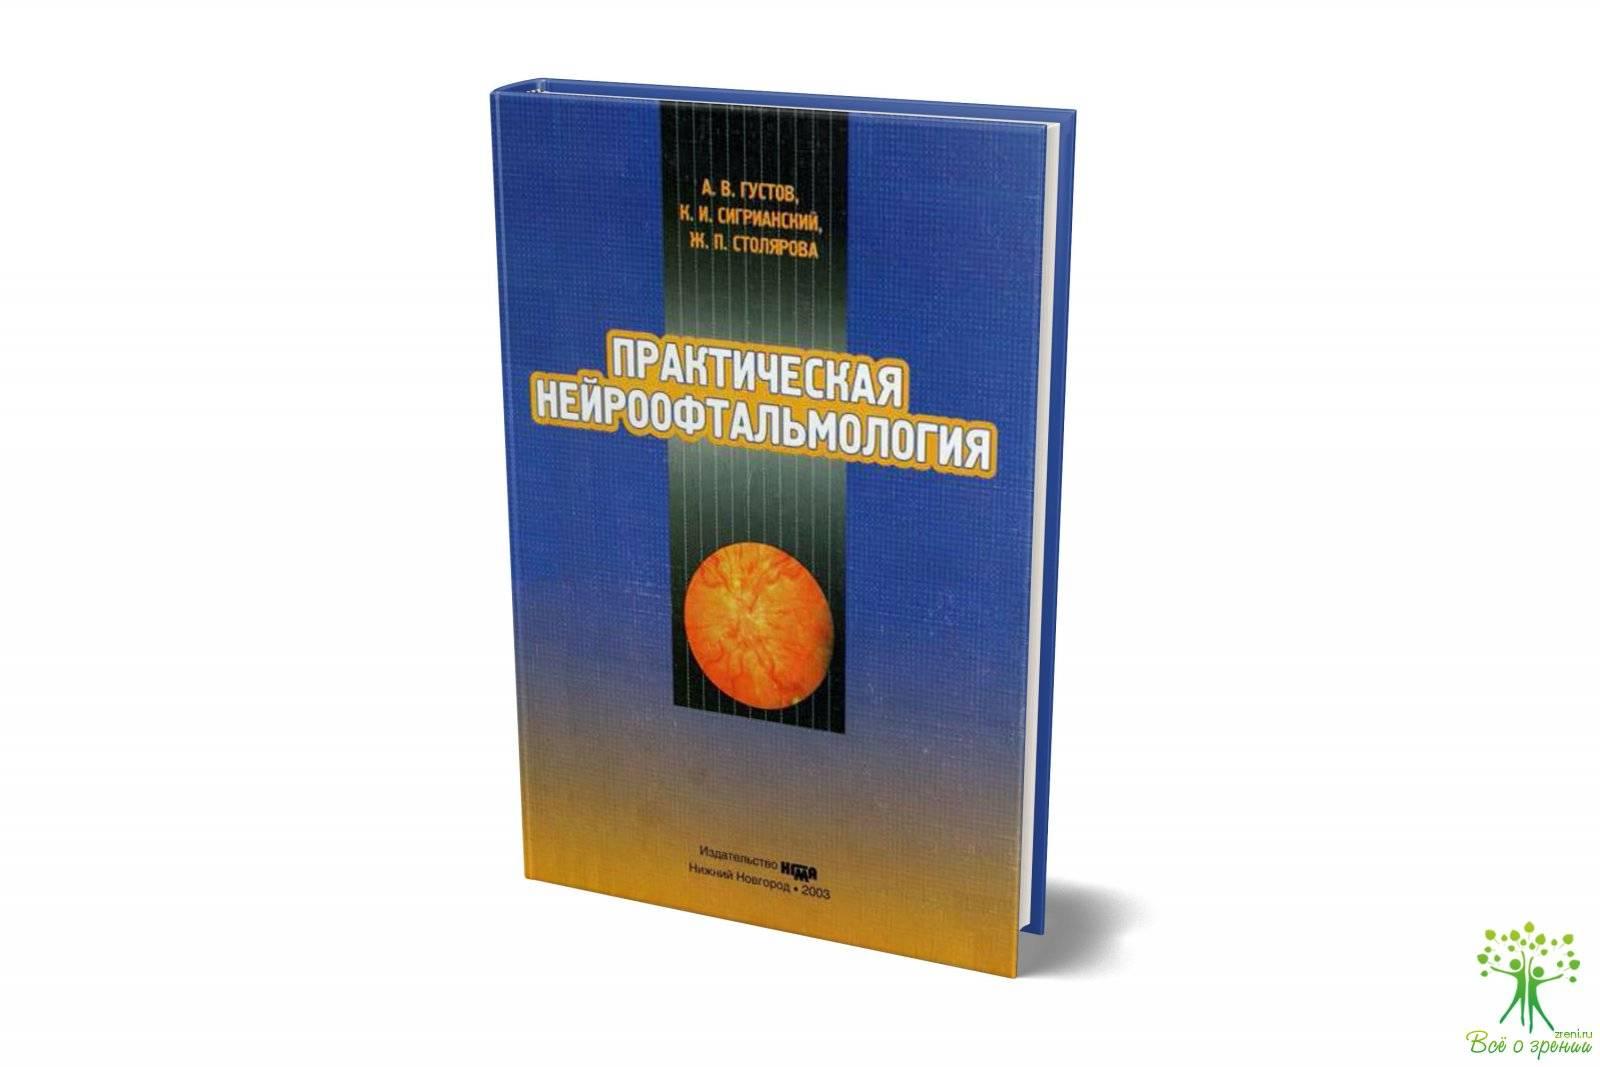 Скачать бесплатно густов а.в., сигрианский к.и., столяров ж.п. - практическая нейроофтальмология. том 1. 2-е издание. pdf